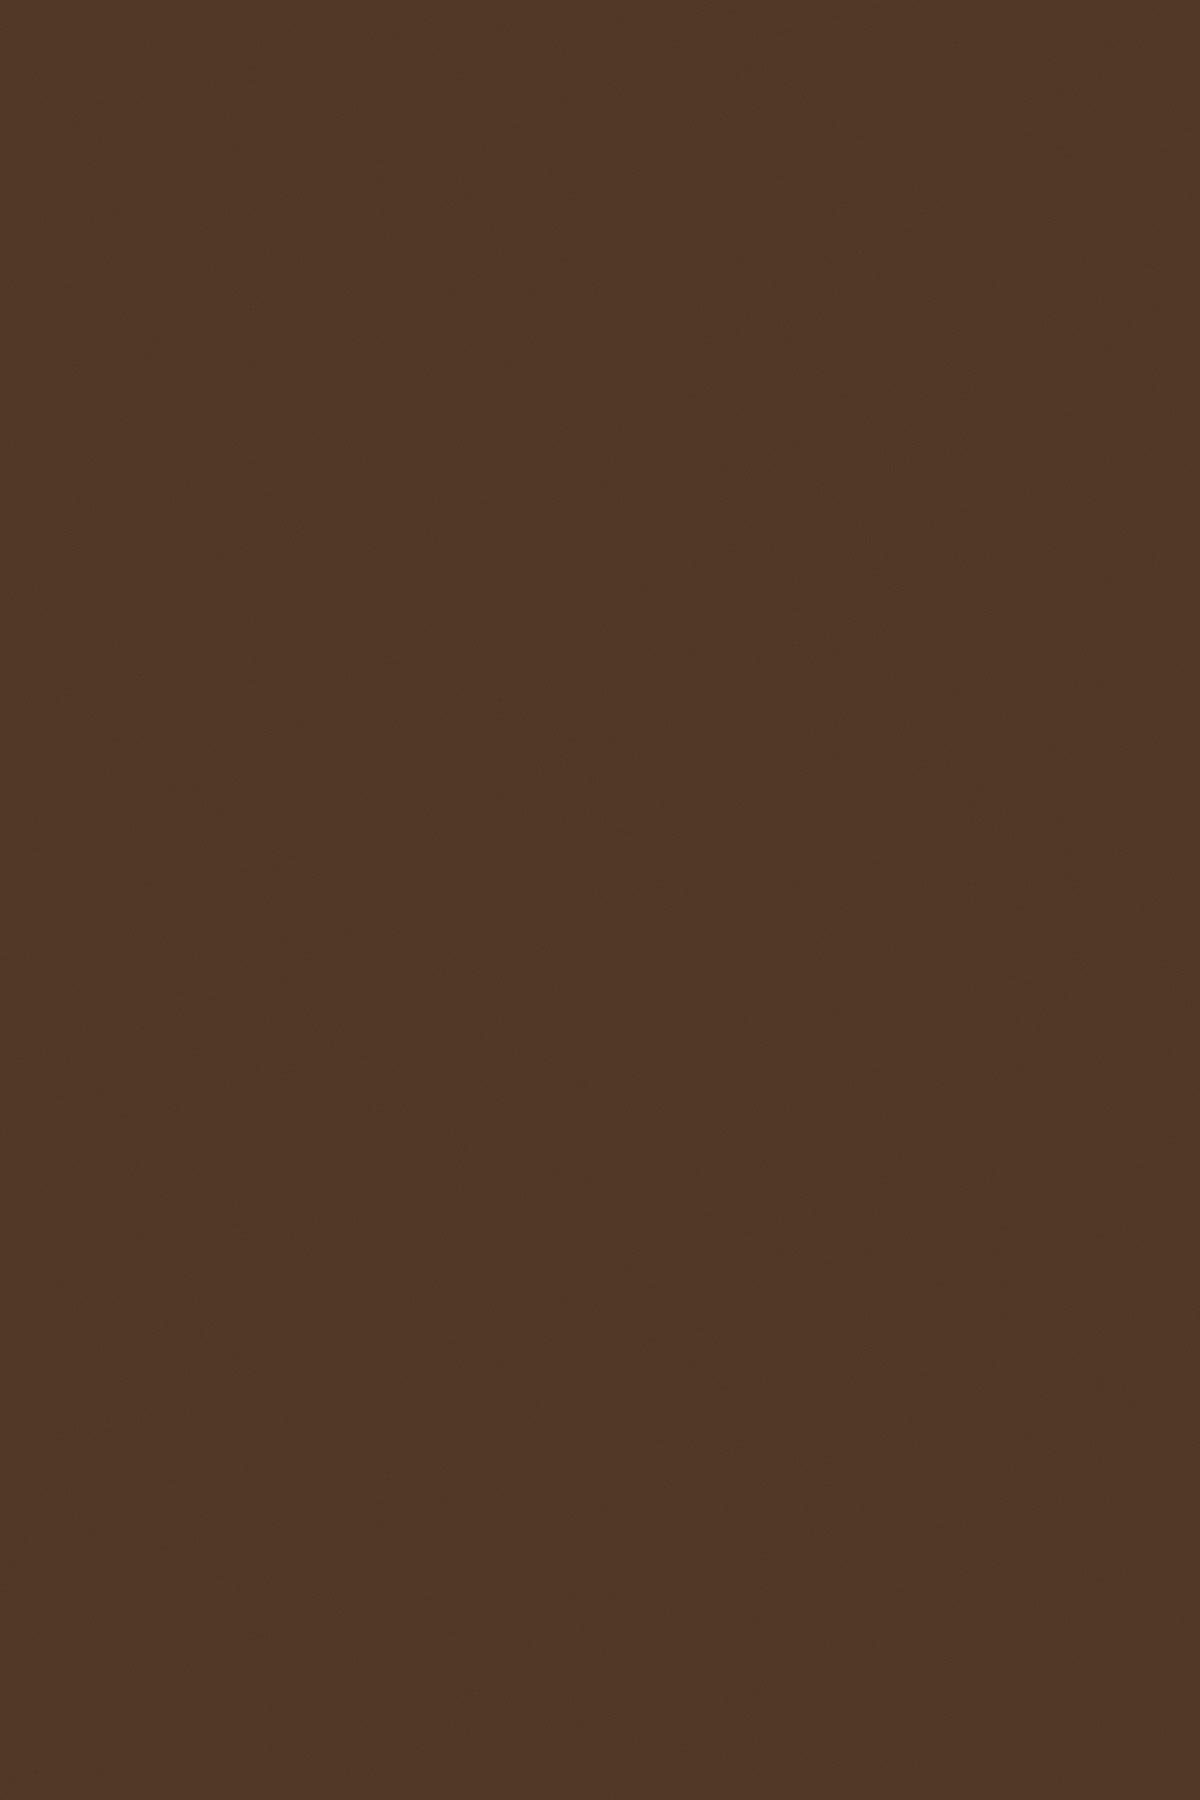 Темний Коричневий 0182 BS